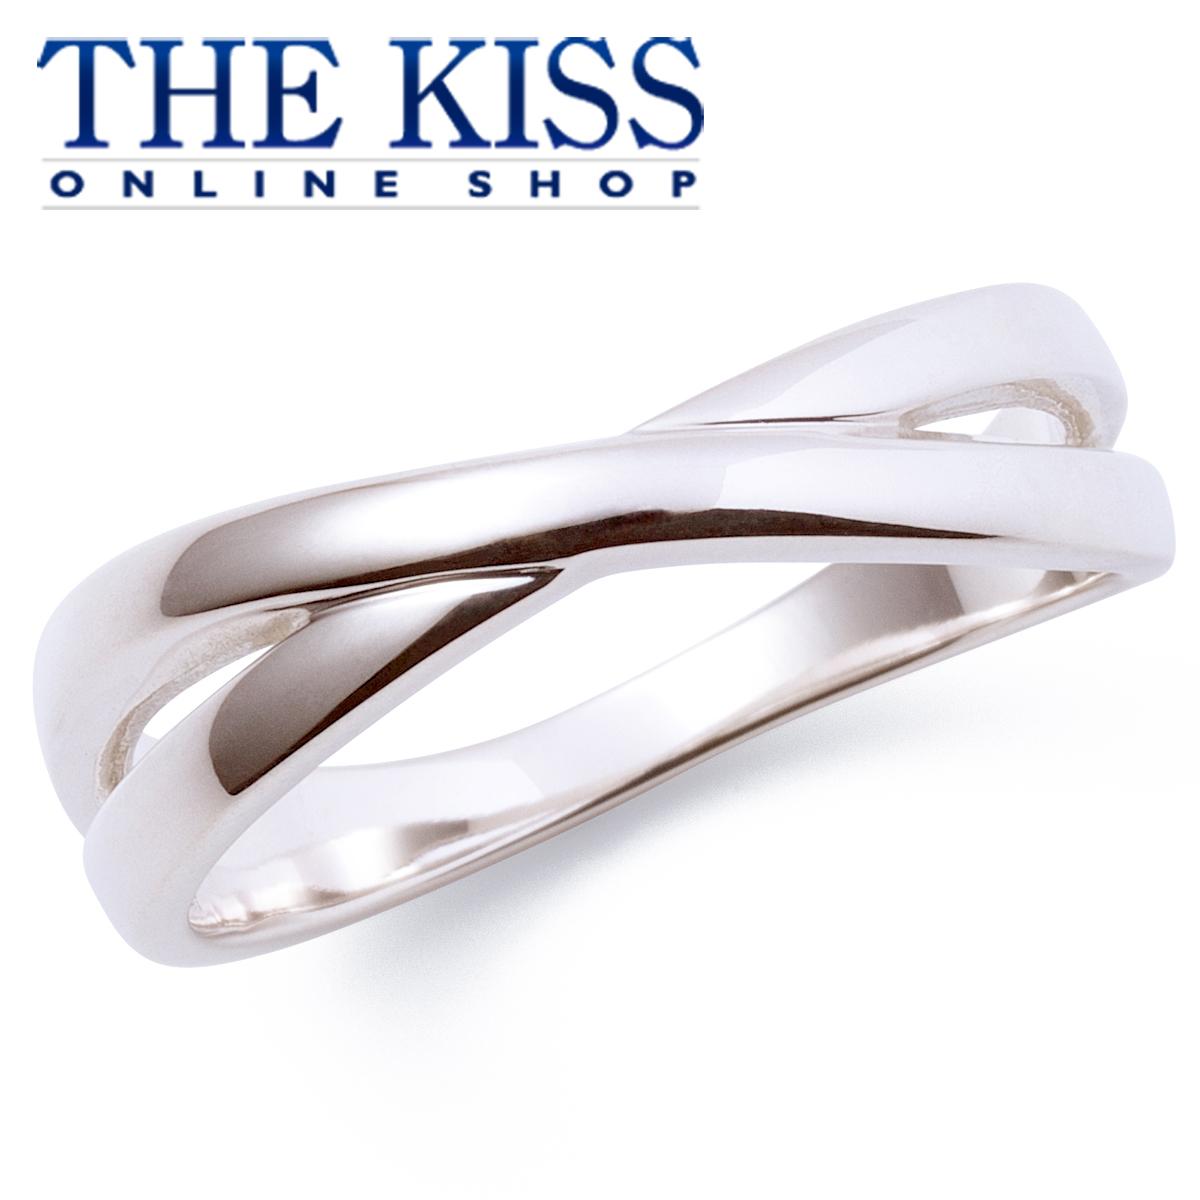 【あす楽対応】THE KISS 公式サイト シルバー ペアリング ( メンズ 単品 ) ペアアクセサリー カップル に 人気 の ジュエリーブランド THEKISS ペア リング・指輪 記念日 プレゼント PSR815 ザキス 【送料無料】